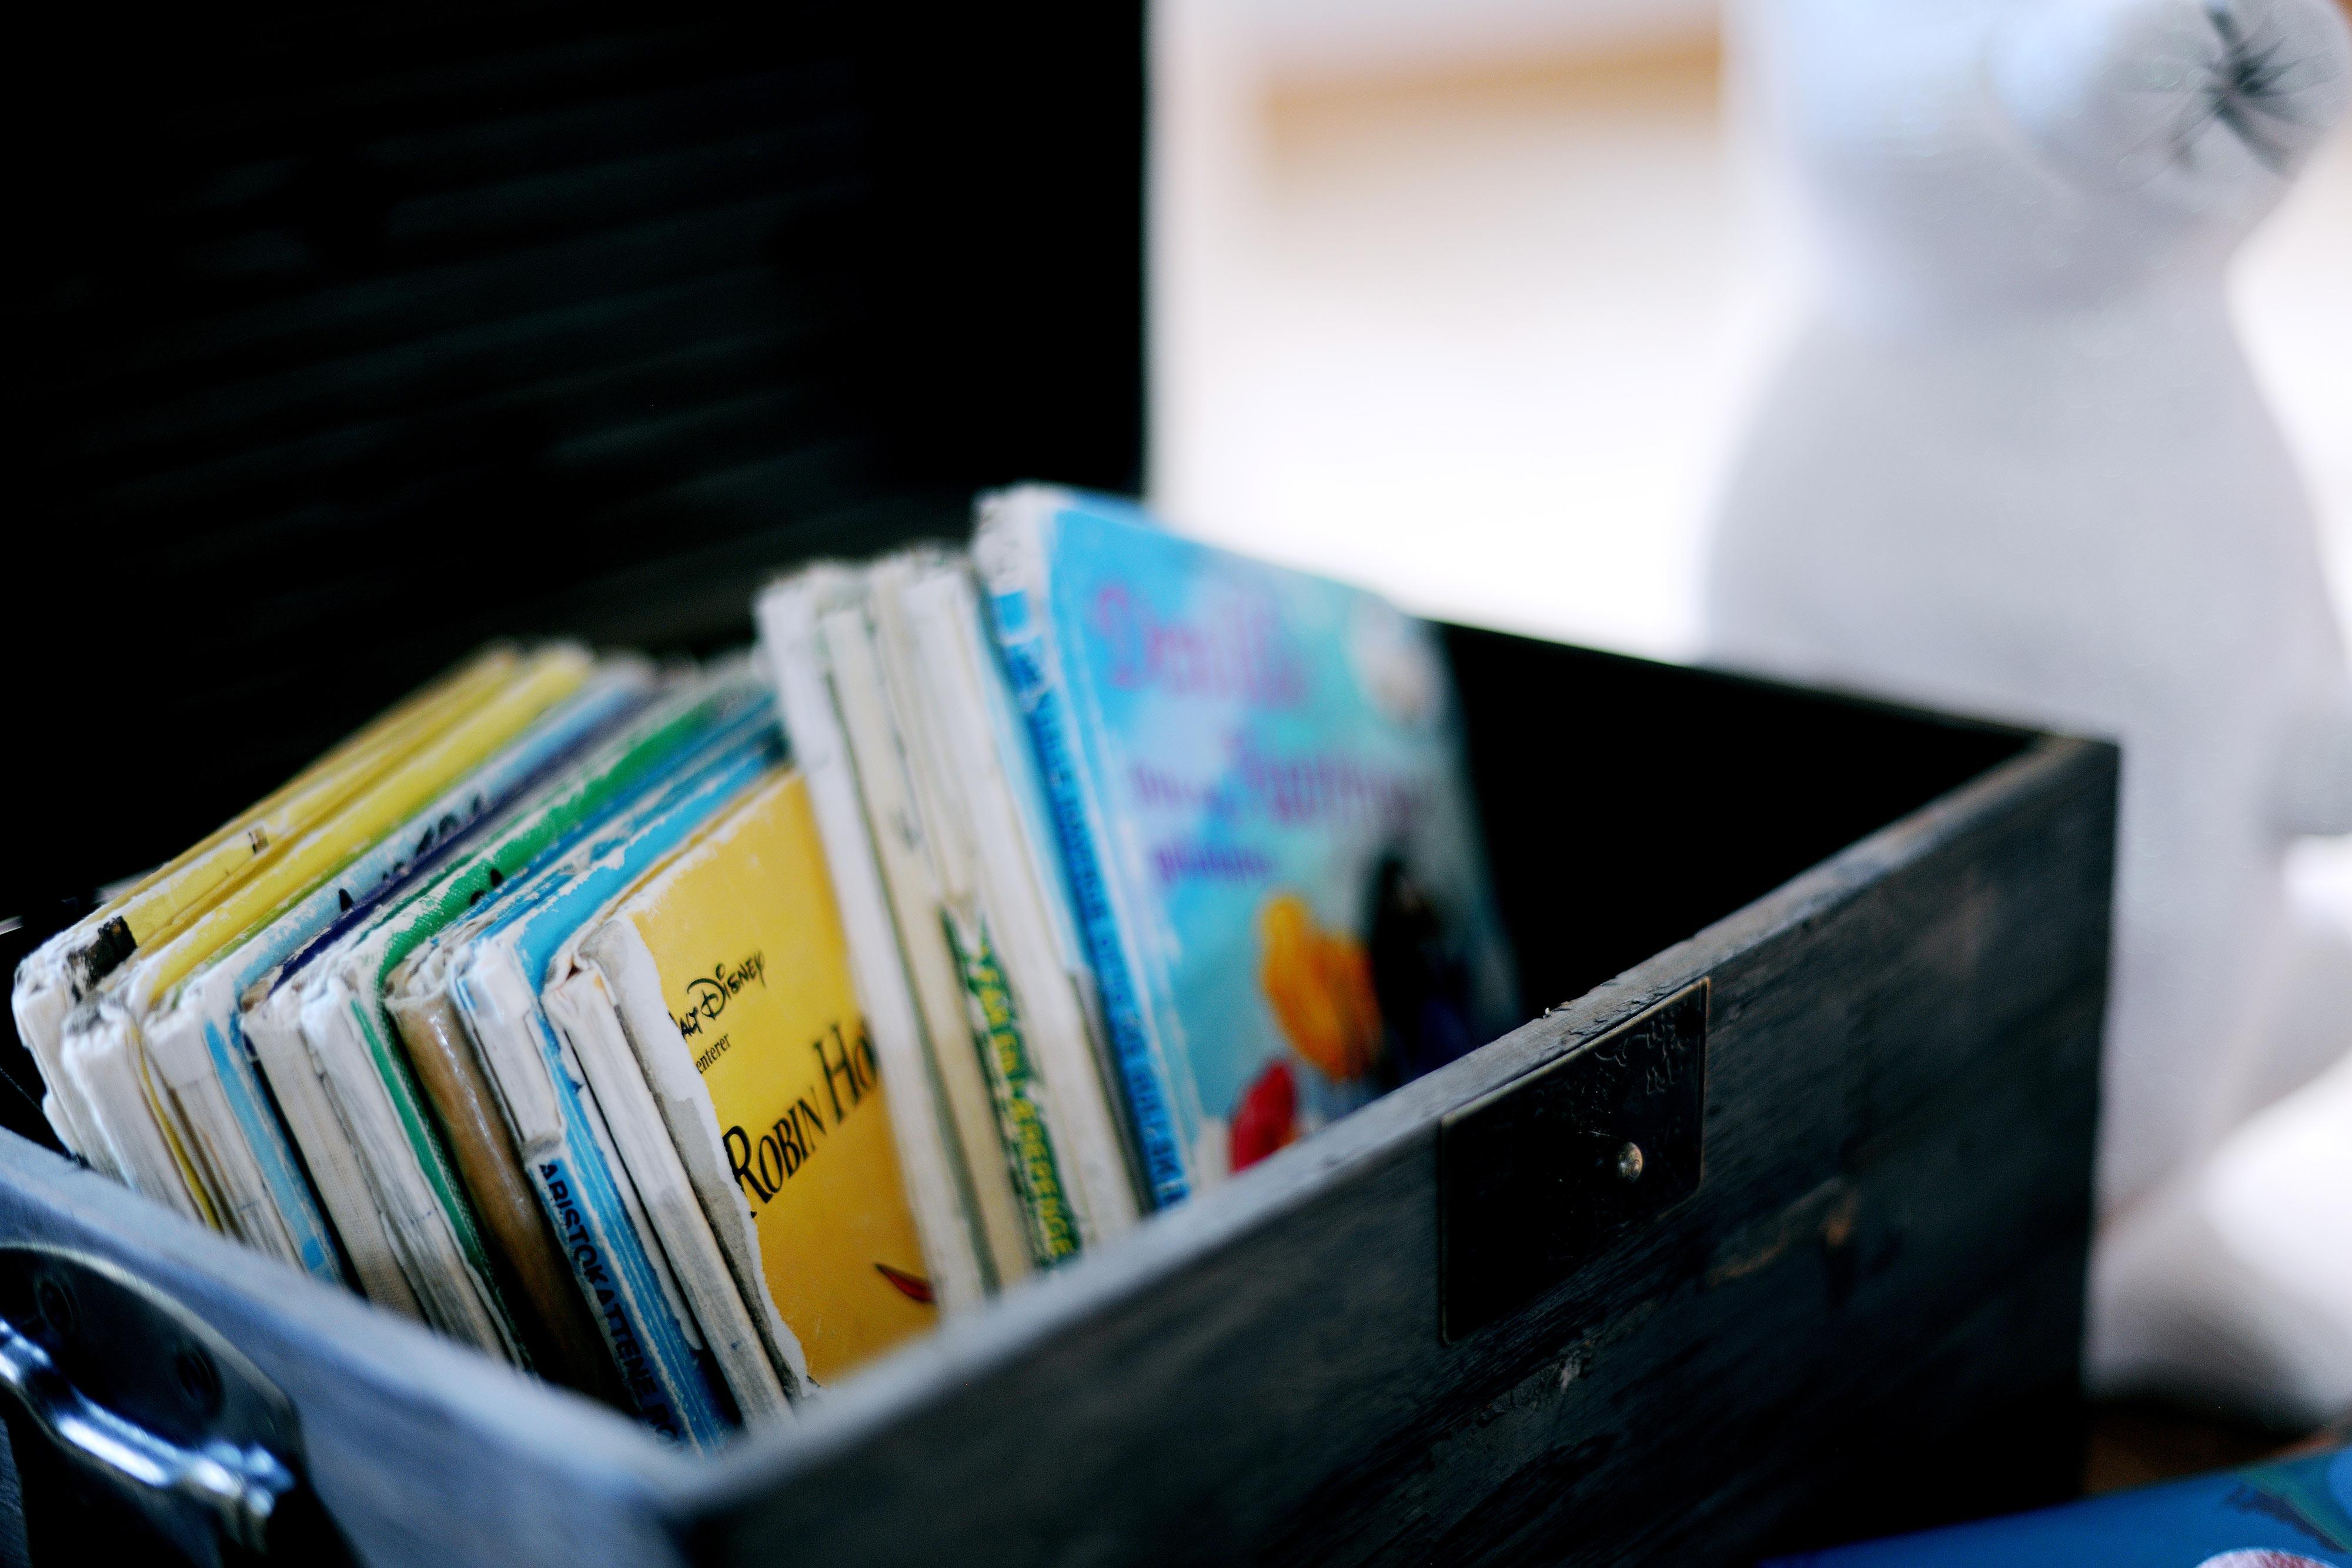 Kauanko lastenkirjan pitäisi säilyä ehjänä?